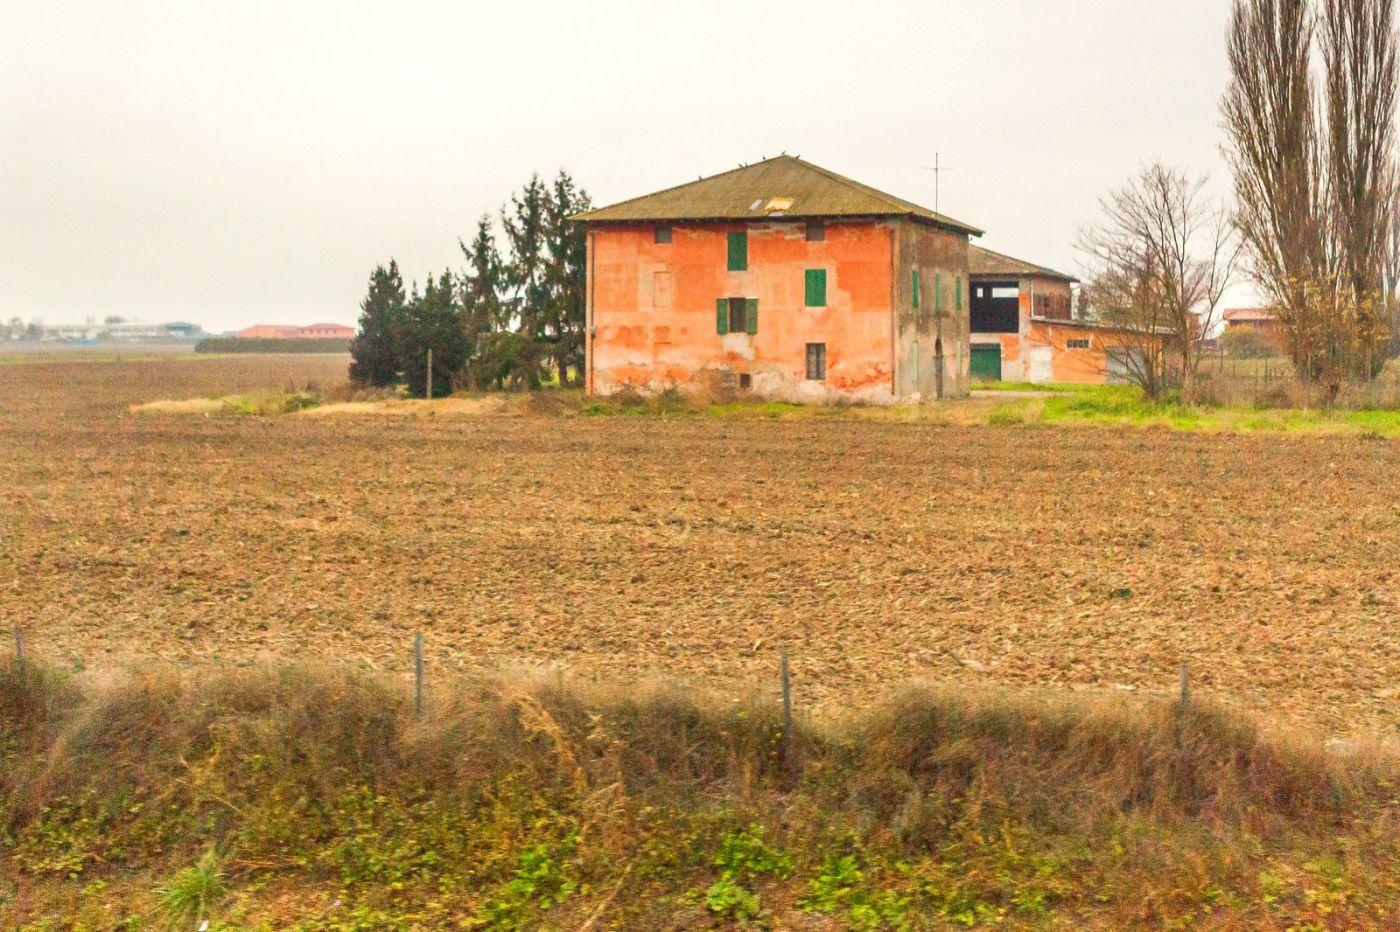 意大利路途,秋后的农村_图1-23